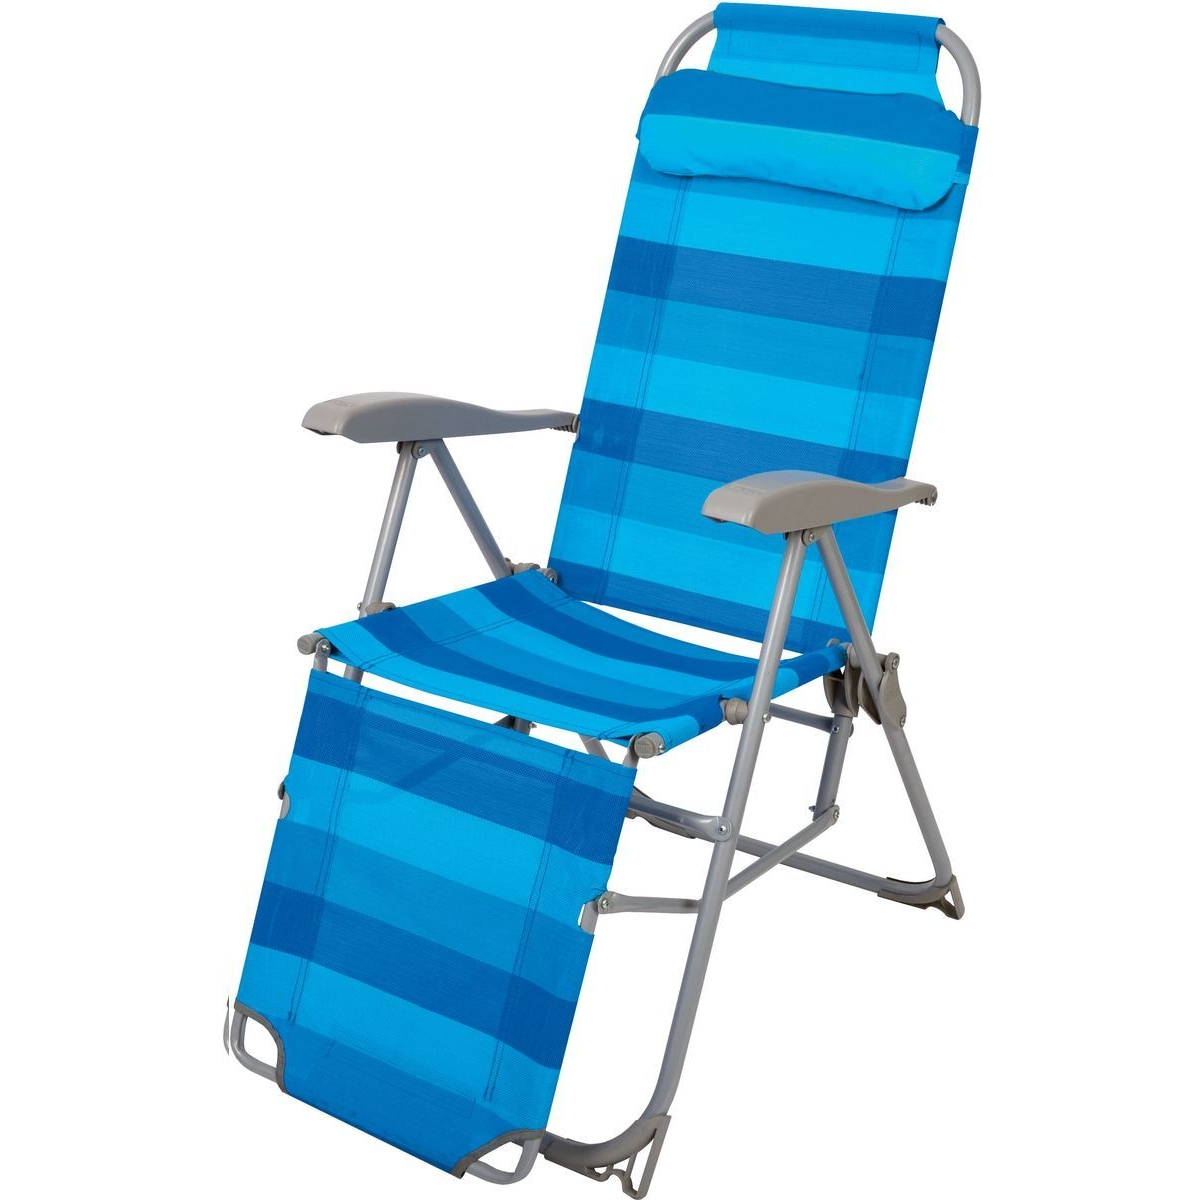 """Кресло-шезлонг складное с подножкой """"НИКА"""" К3 нагрузка 100кг,цвет синий,размер 780*590*1160мм"""